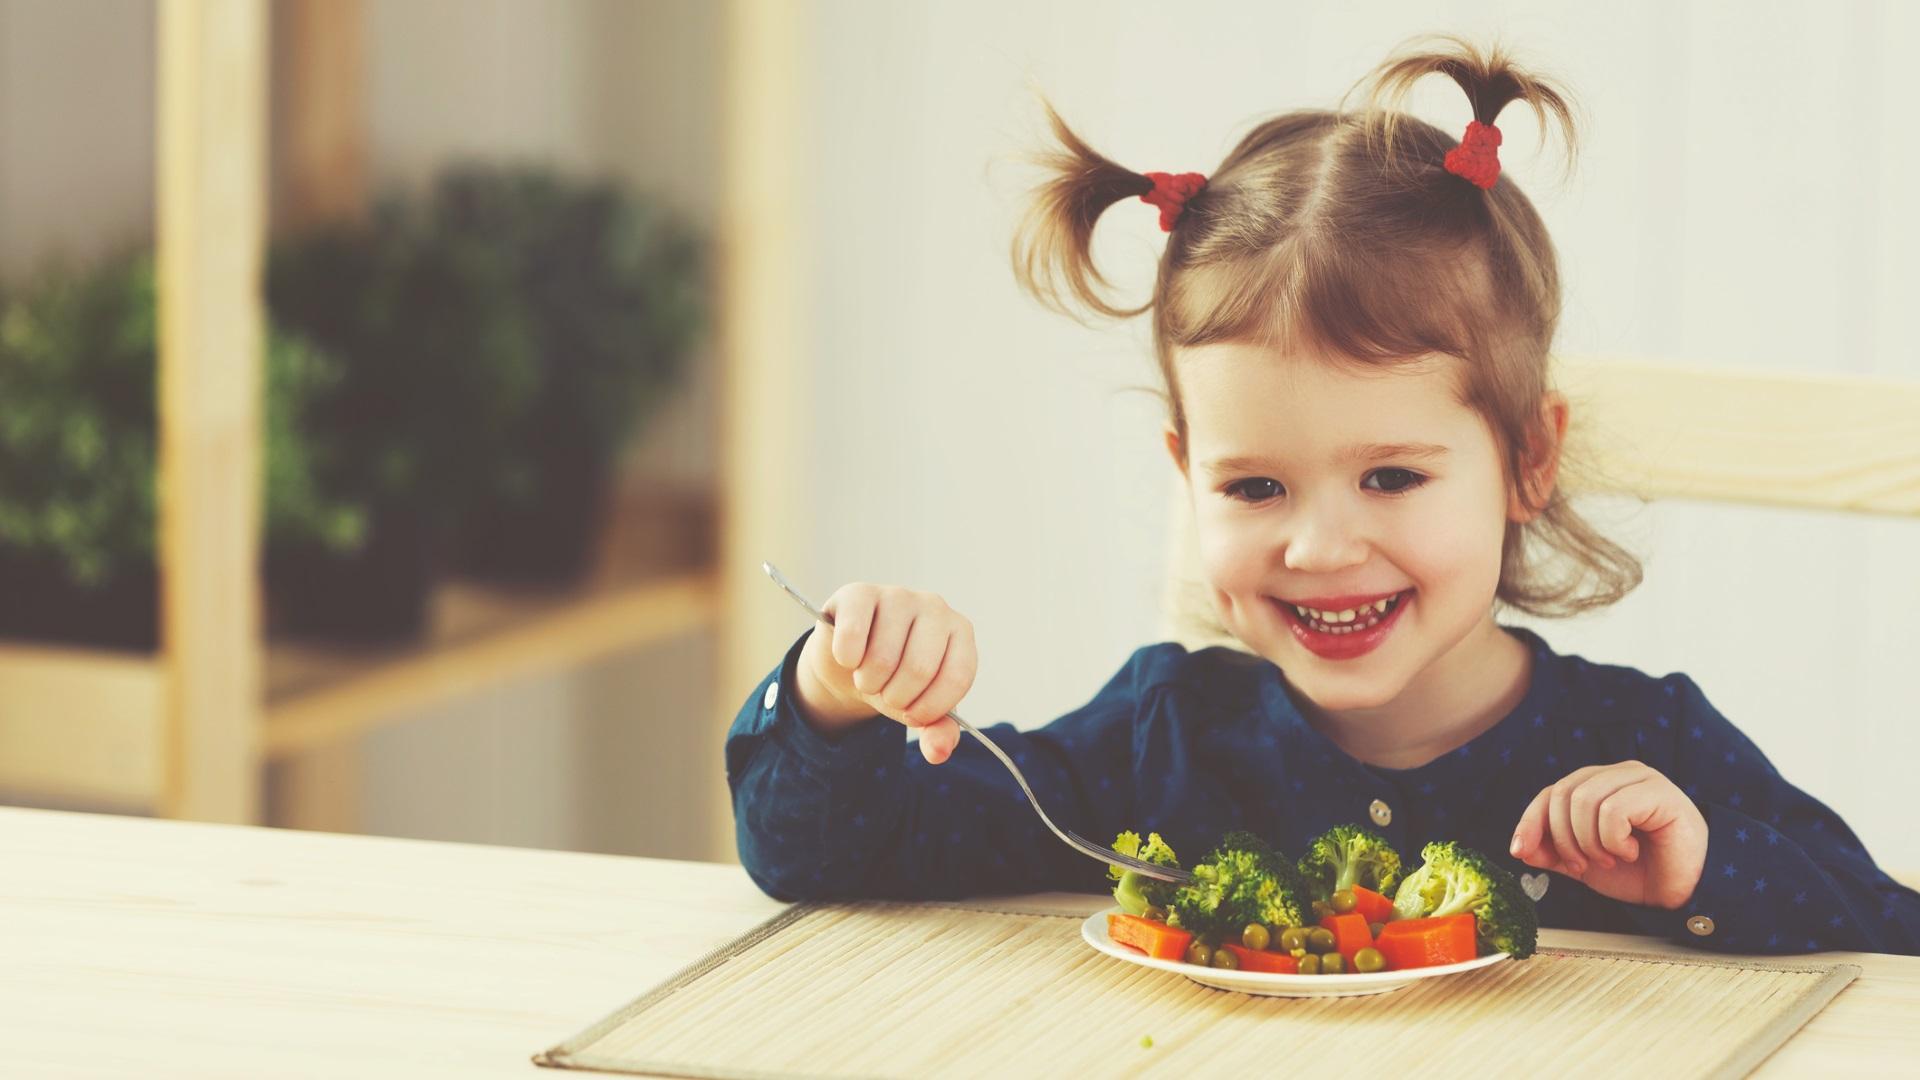 Децата ви ще се хранят здравословно<br /> <br /> Ако искате децата ви да ядат банани, вие ще трябва да ядете банани. Същото се отнася и до зеленчуците и всички останали полезни храни. И разберете това: ако детето ви е с наднормено тегло, вашето отслабване ще се отрази и на него.